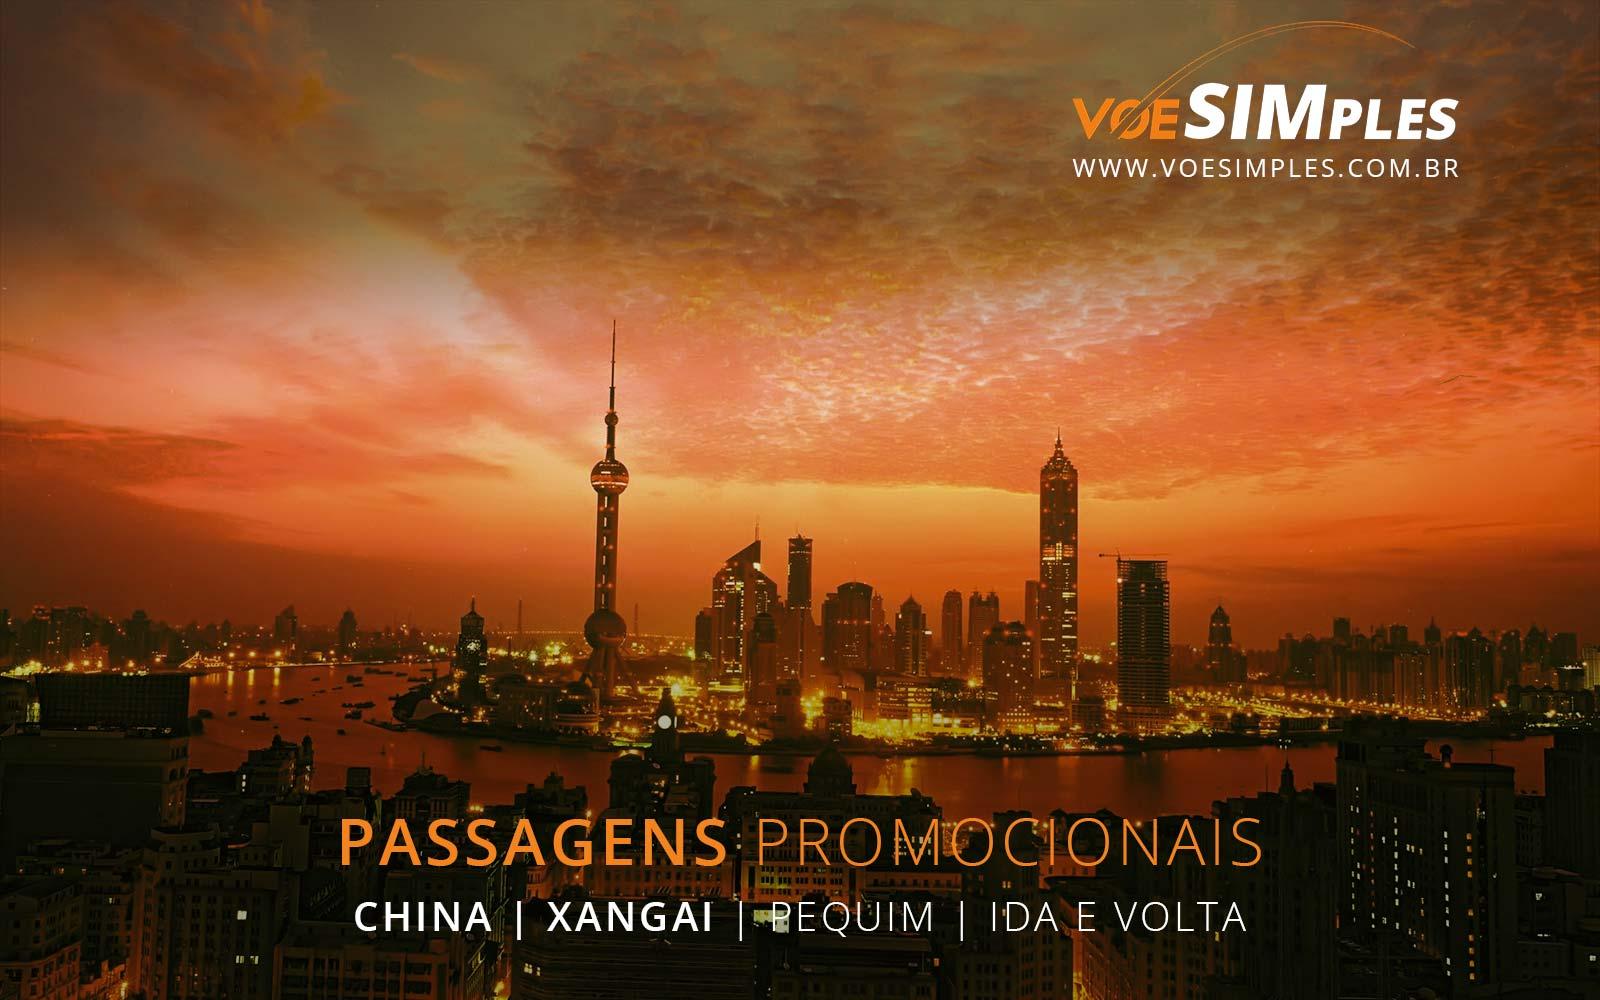 Passagens aéreas promocionais para Xangai e Pequim na China